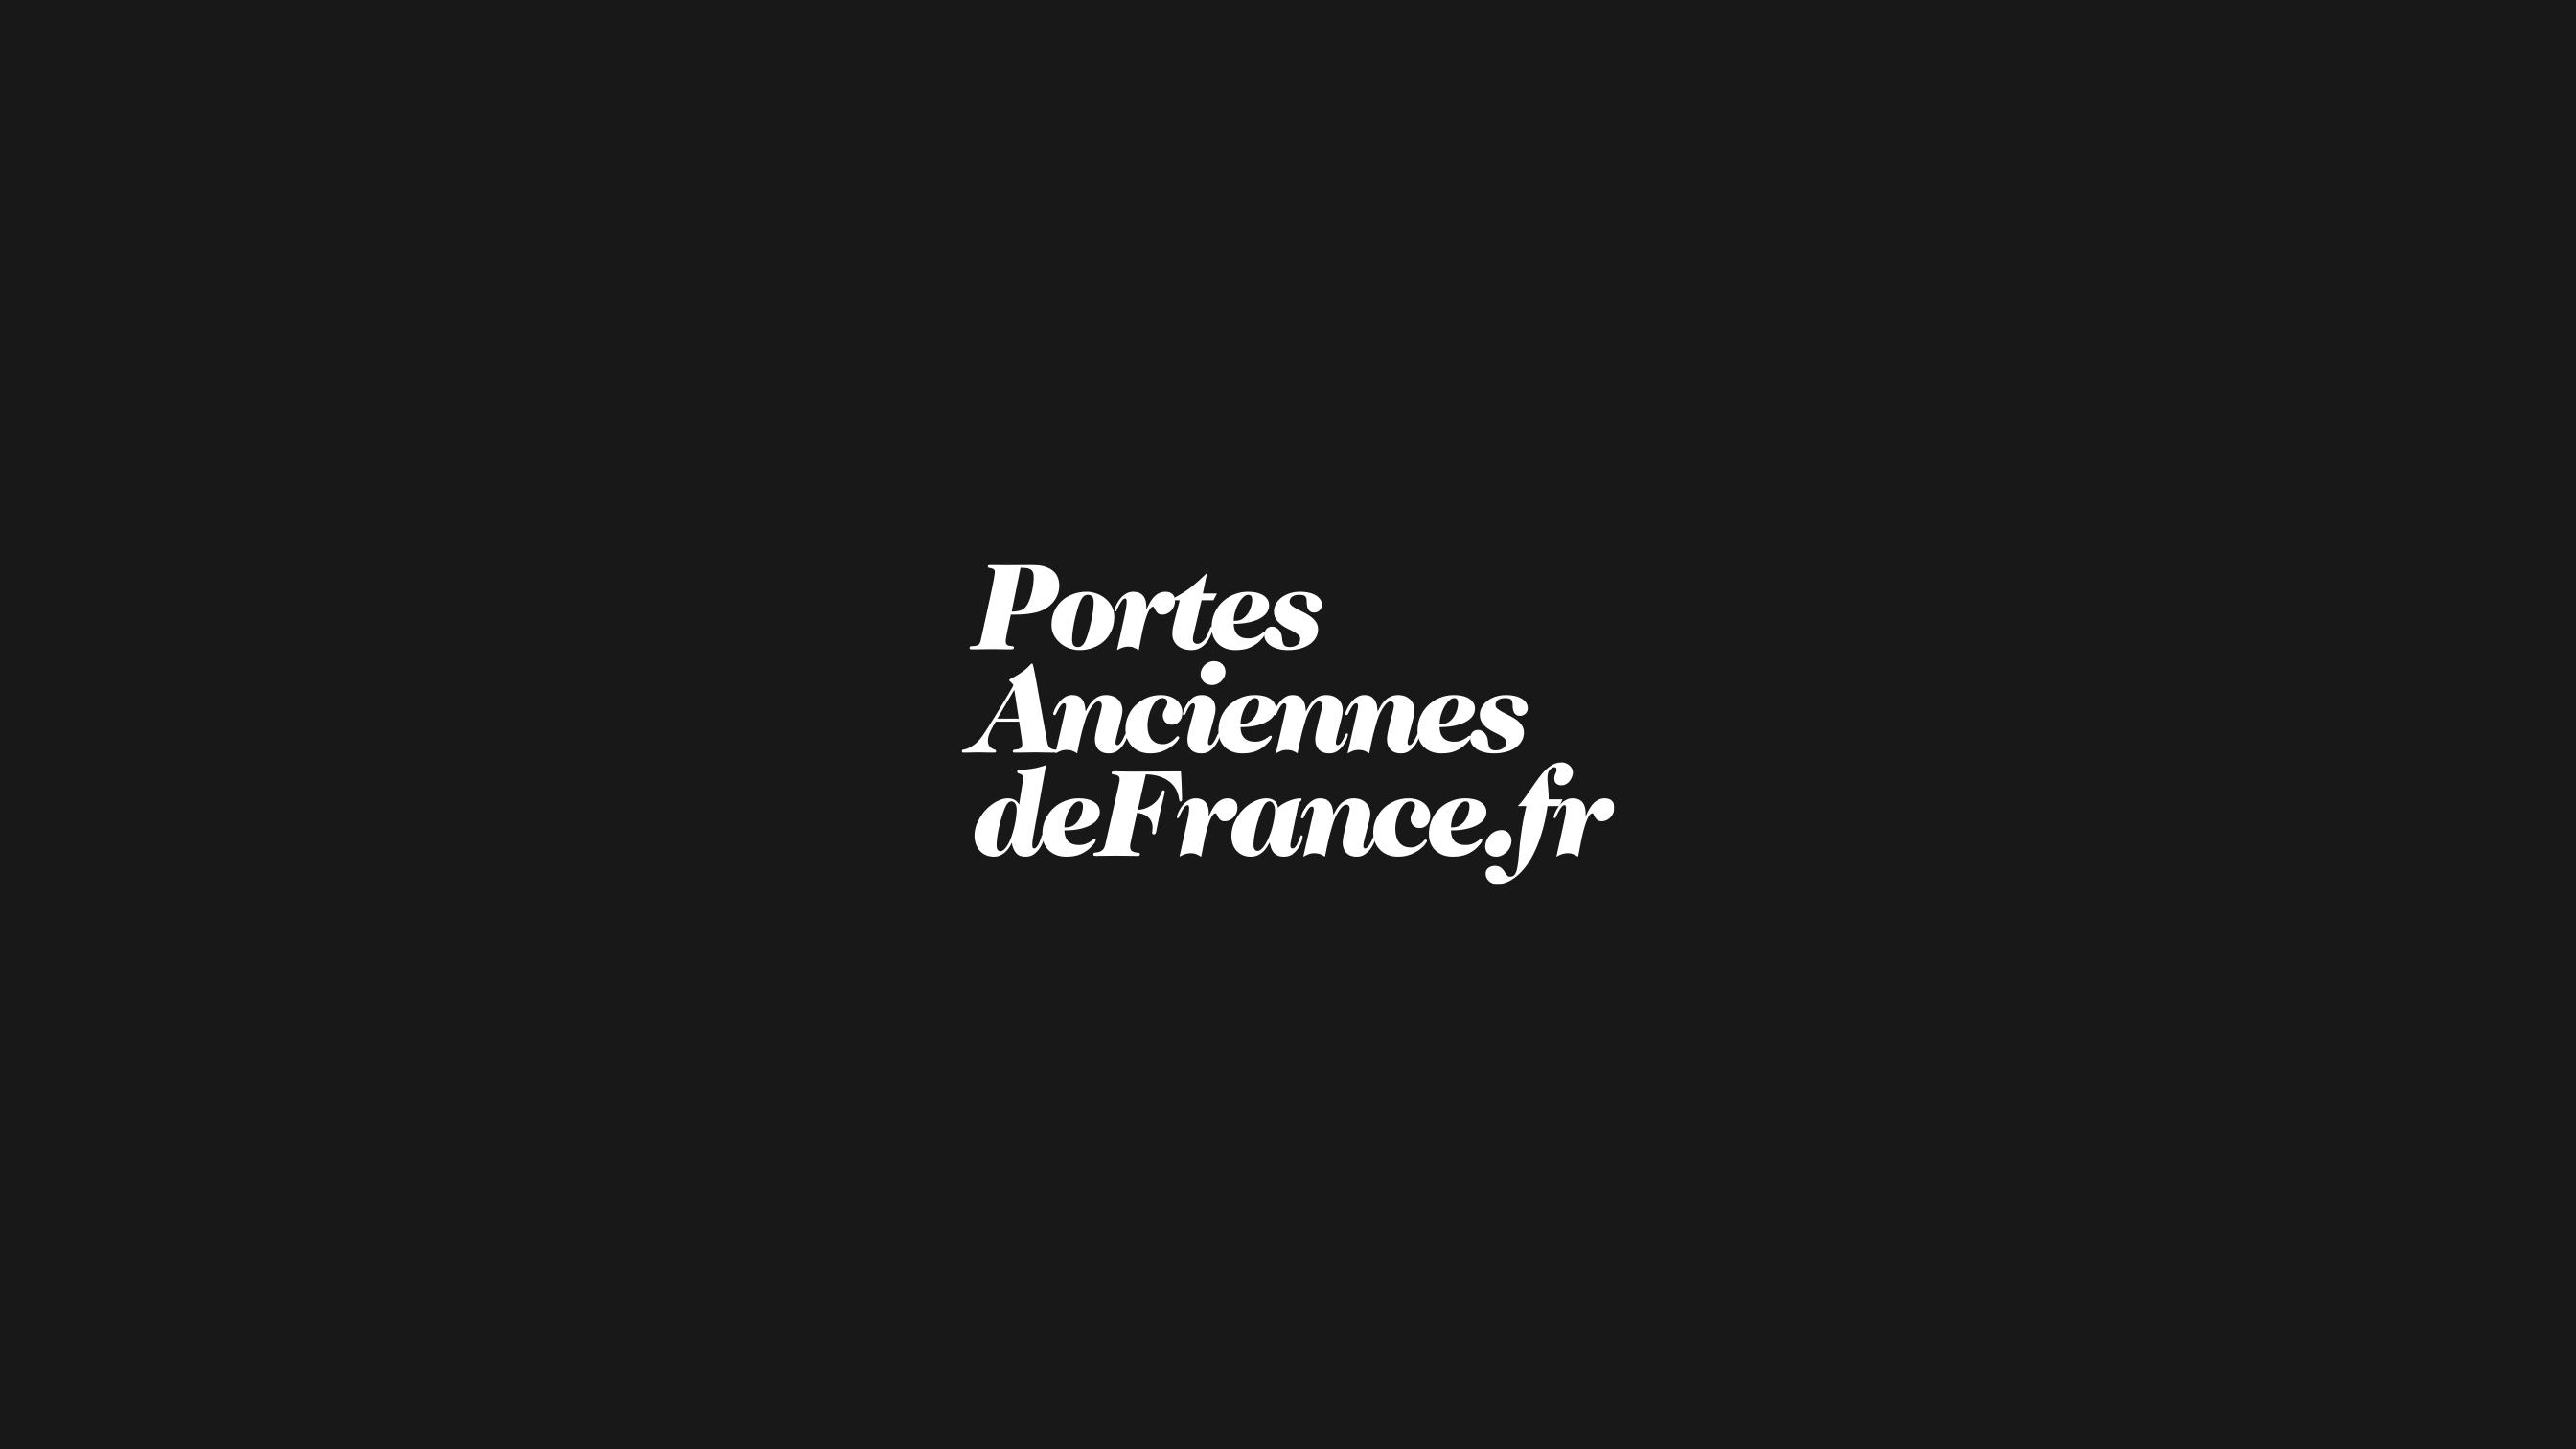 showcase-logotype-portes